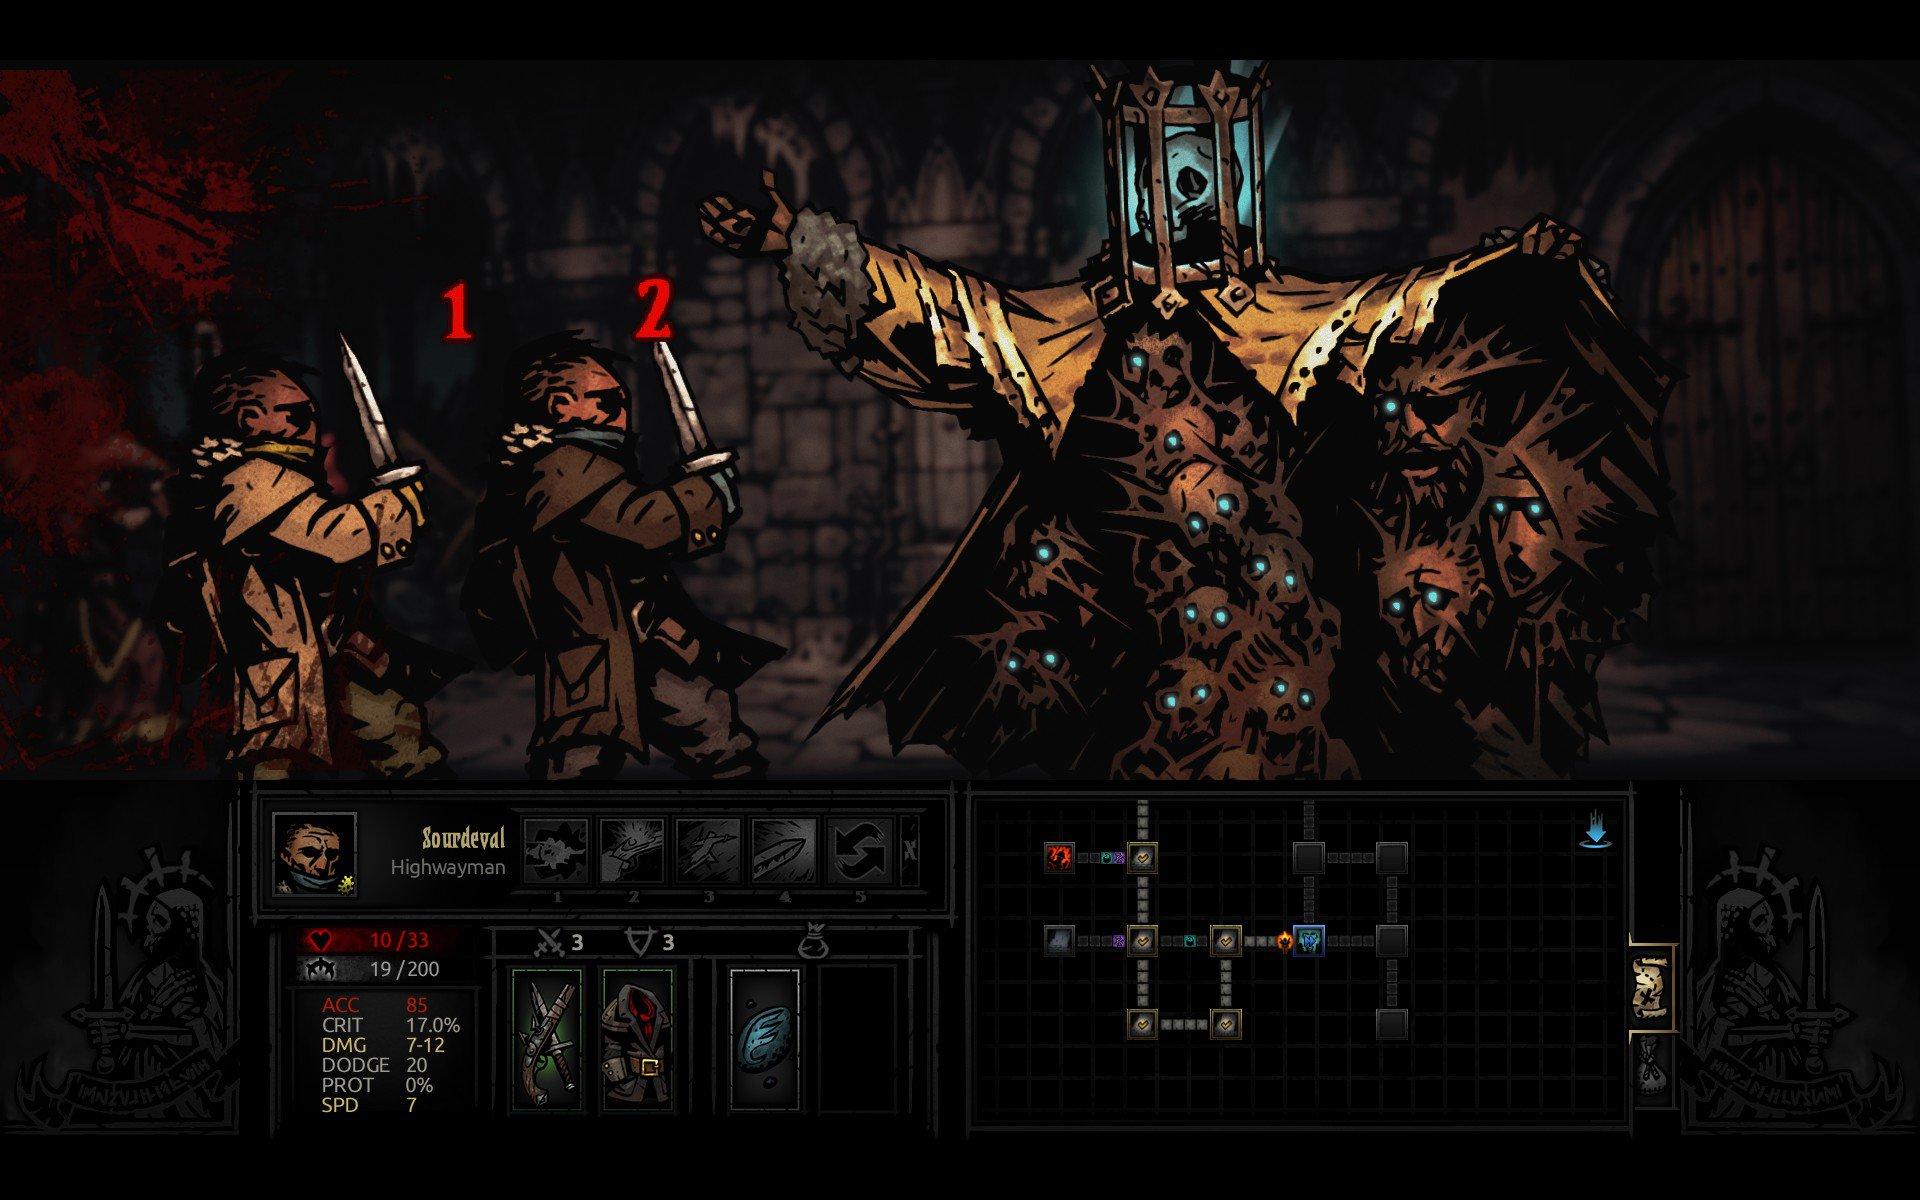 Darkest Dungeon Review - Just Push Start